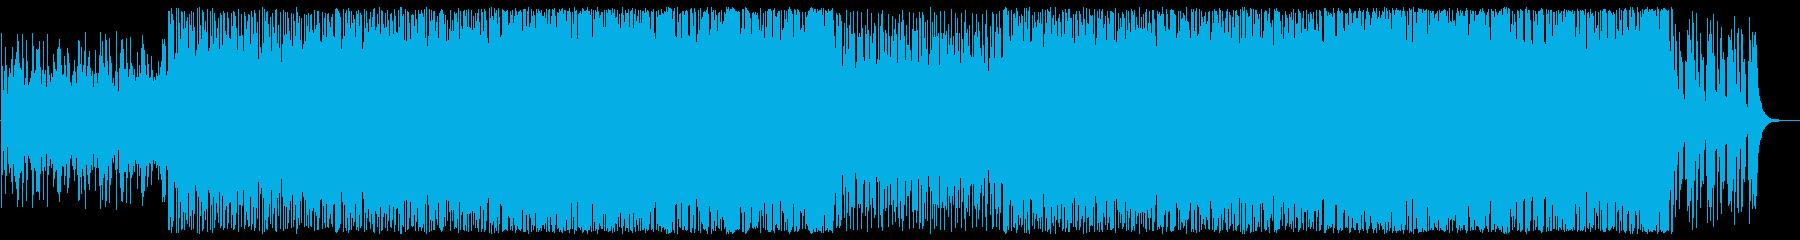 ピアノのラテン系ポップスの再生済みの波形